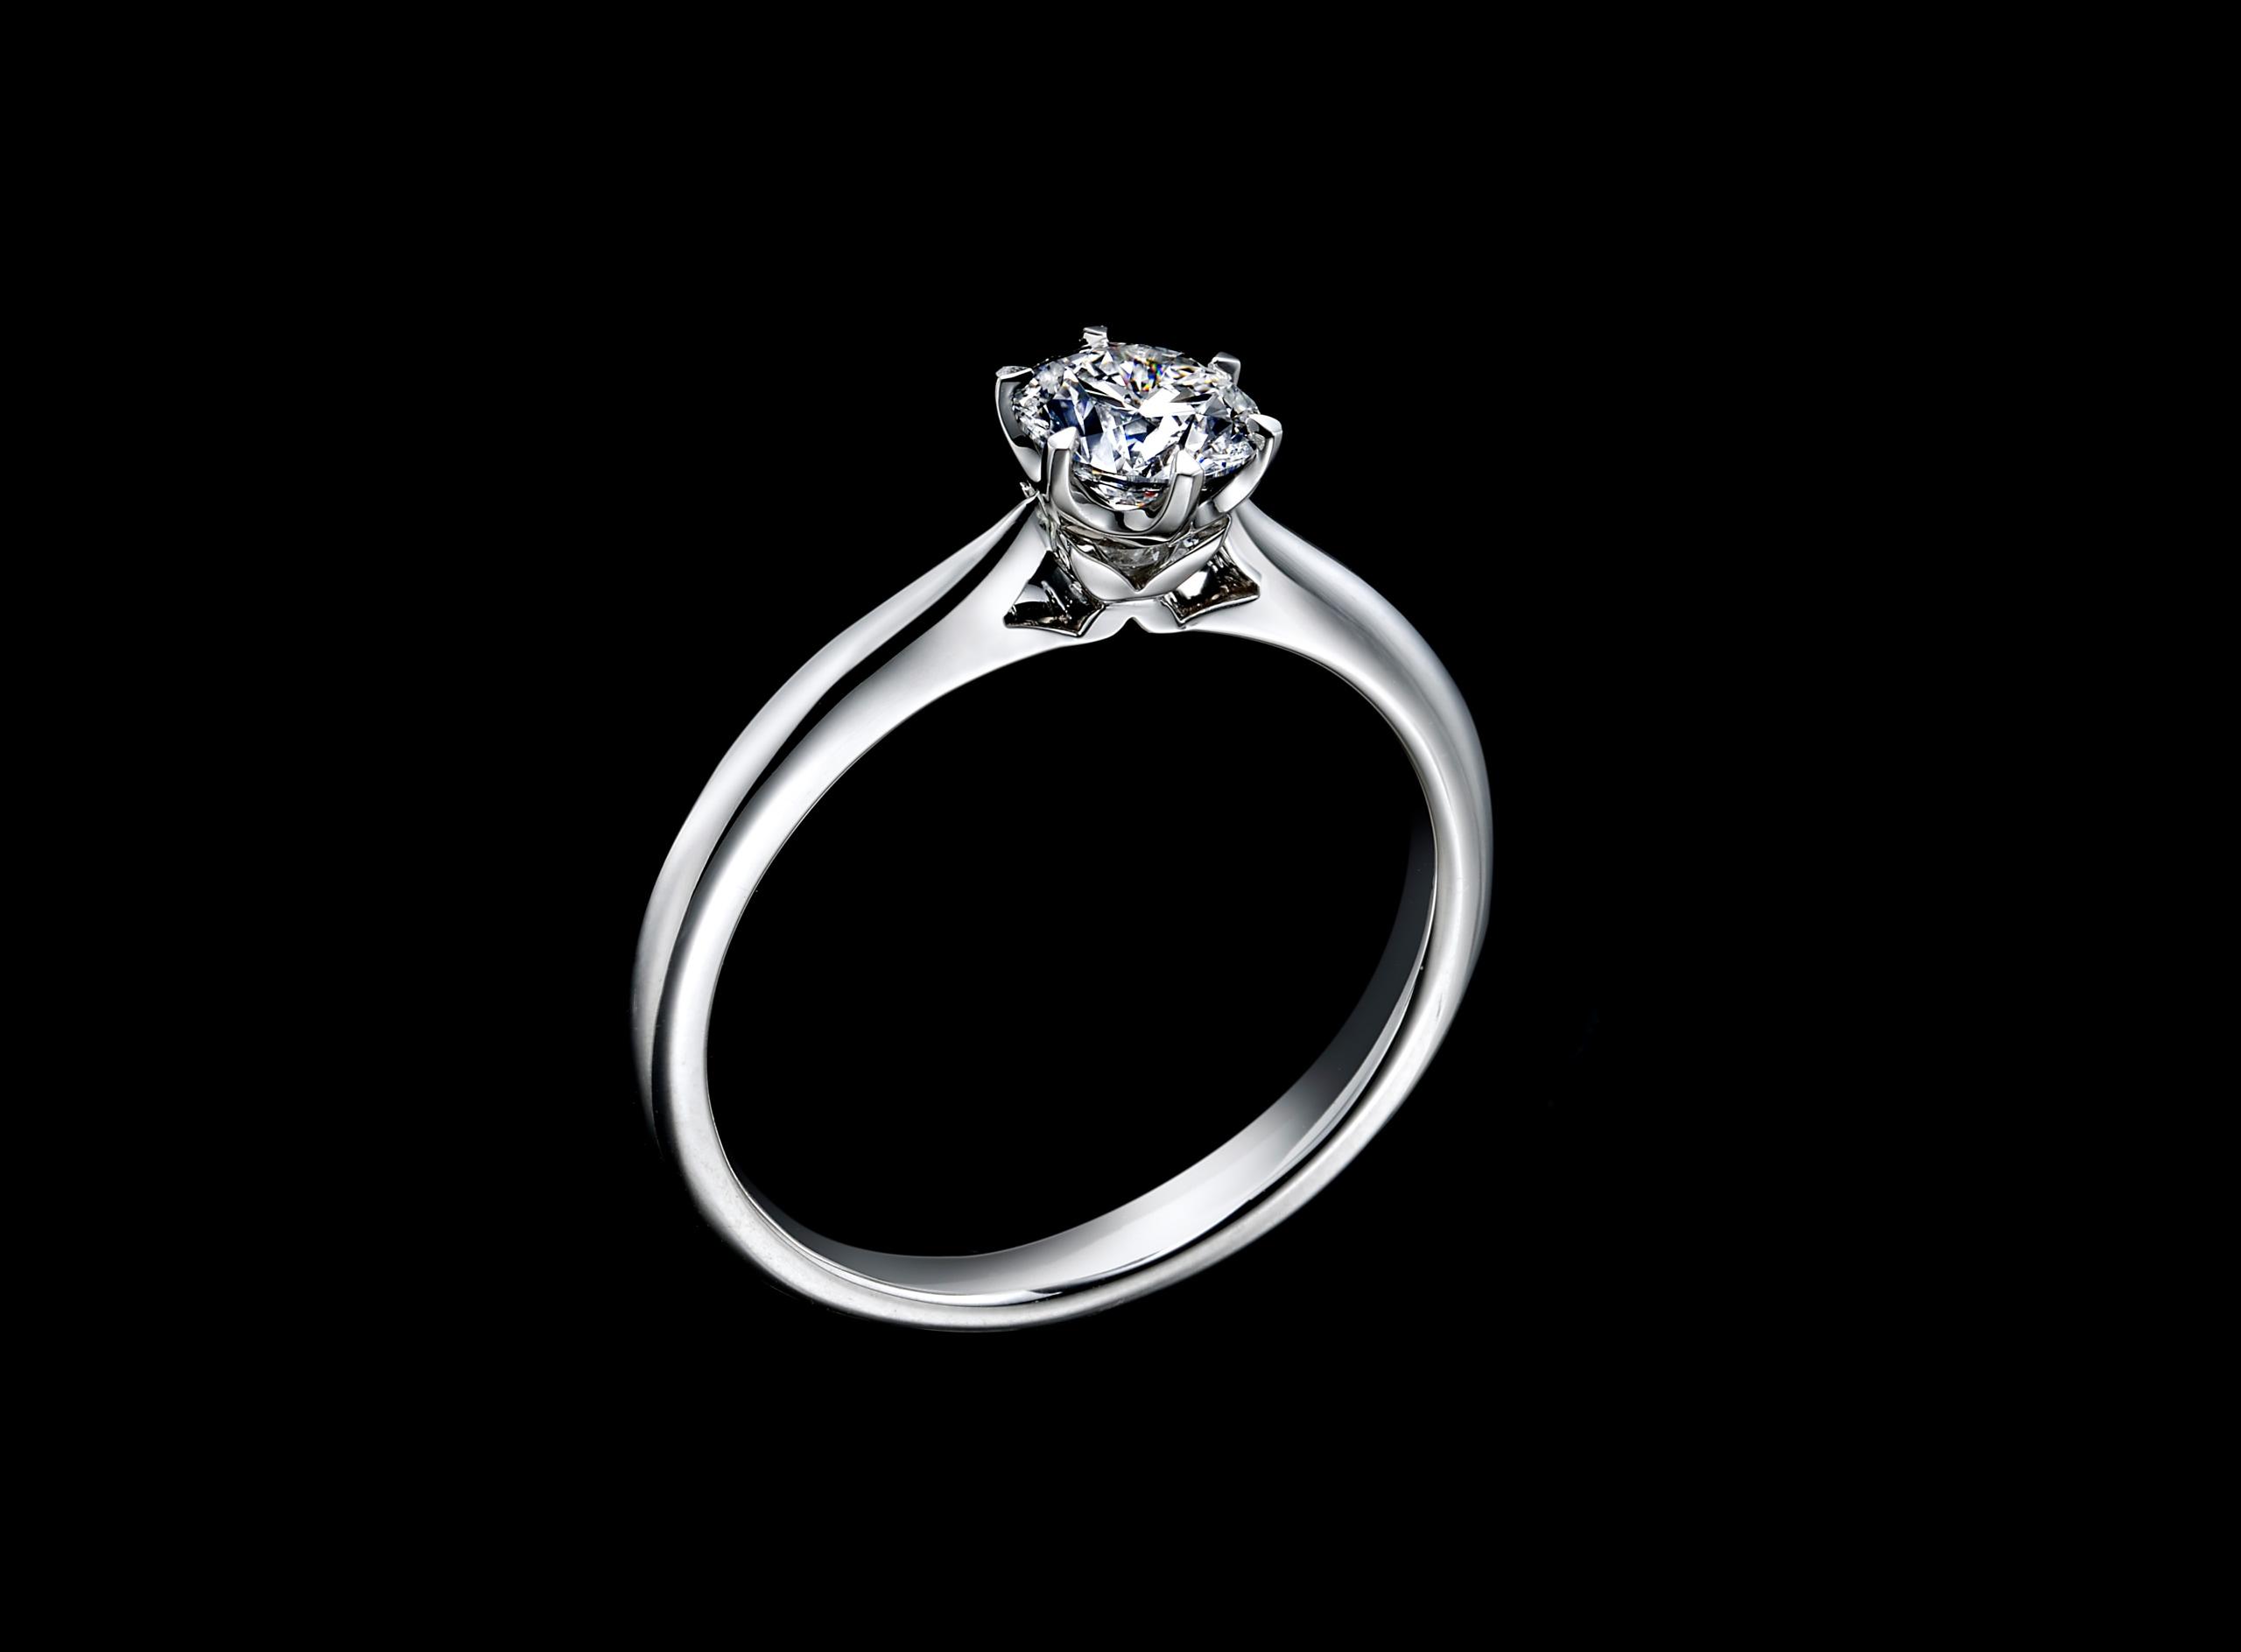 婚約指輪の王道デザイン「ソリティアリング」は見逃せない!のイメージ